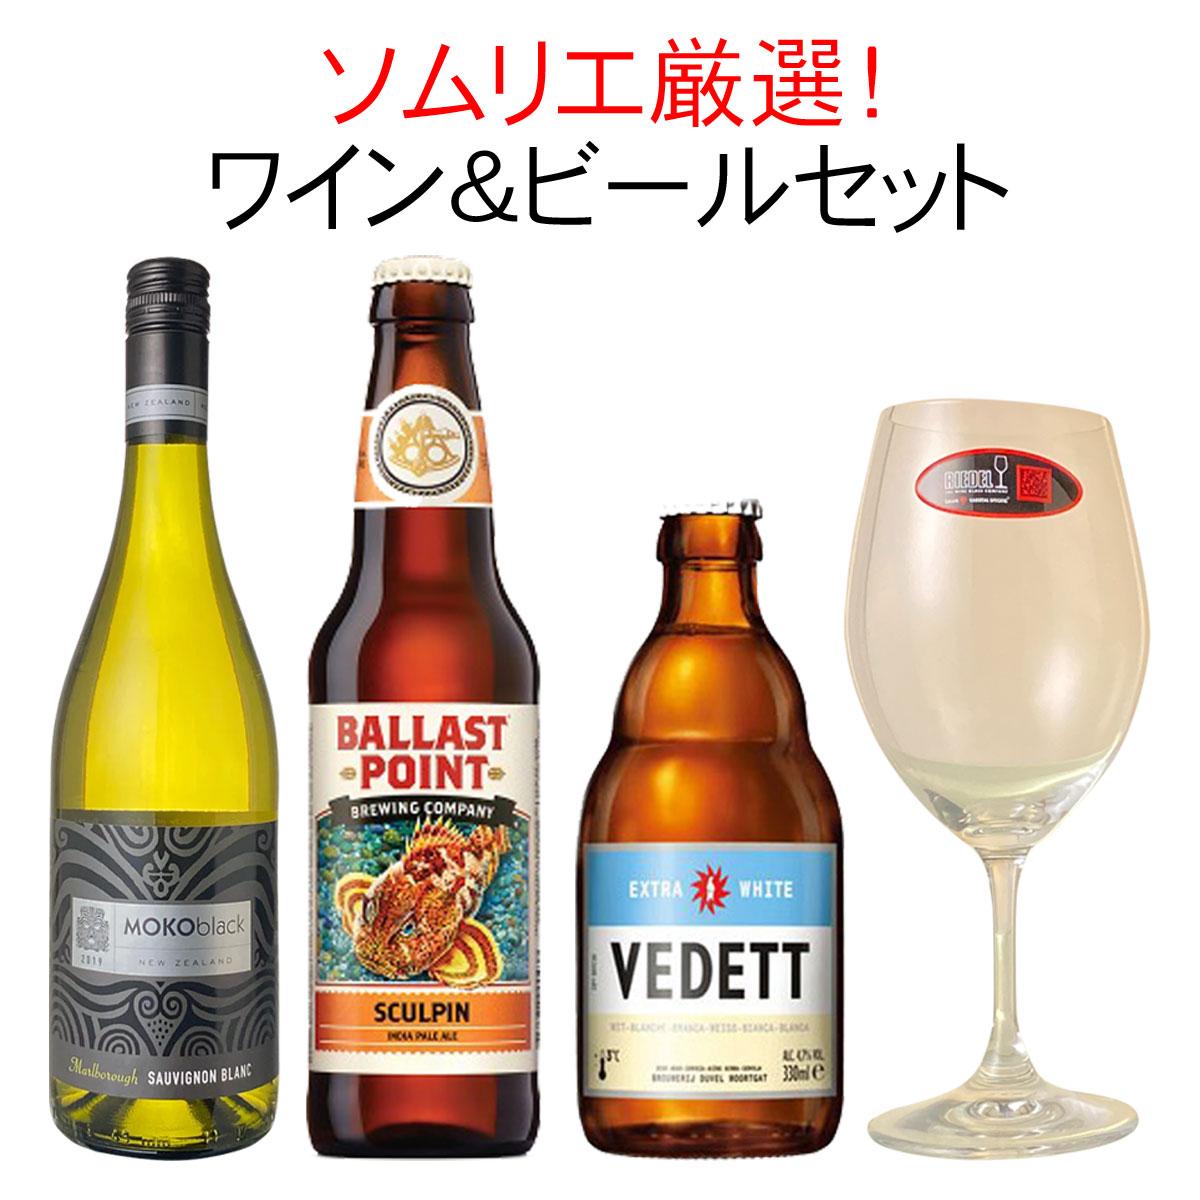 ワイン&ビールセット